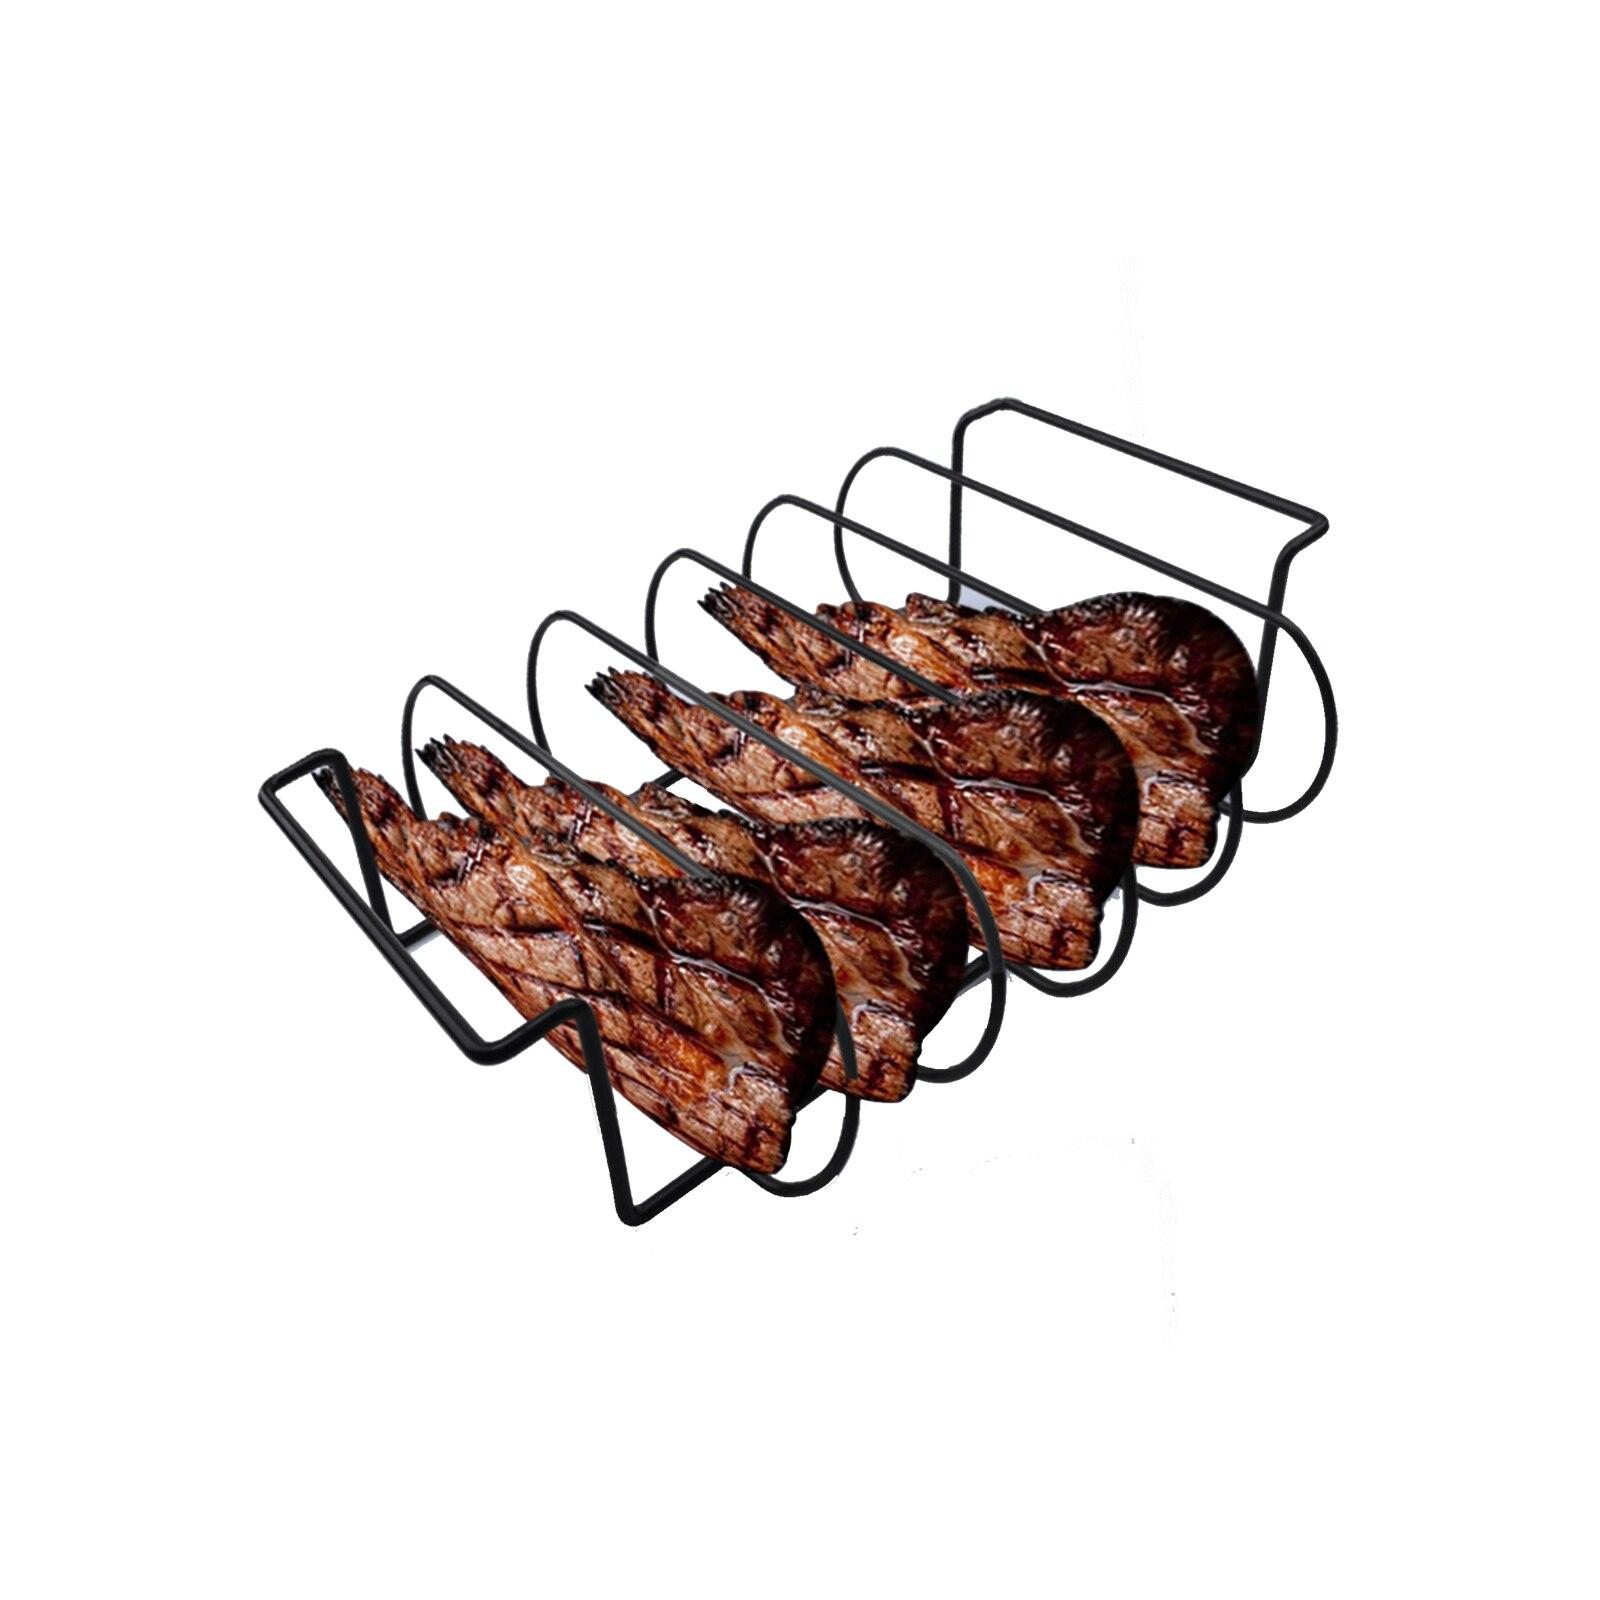 Bife de Carne Torrador com Gotejamento Churrasco Grill Rack Inoxidável Baquetas Titular Fumante Forno Pan Asa Aço